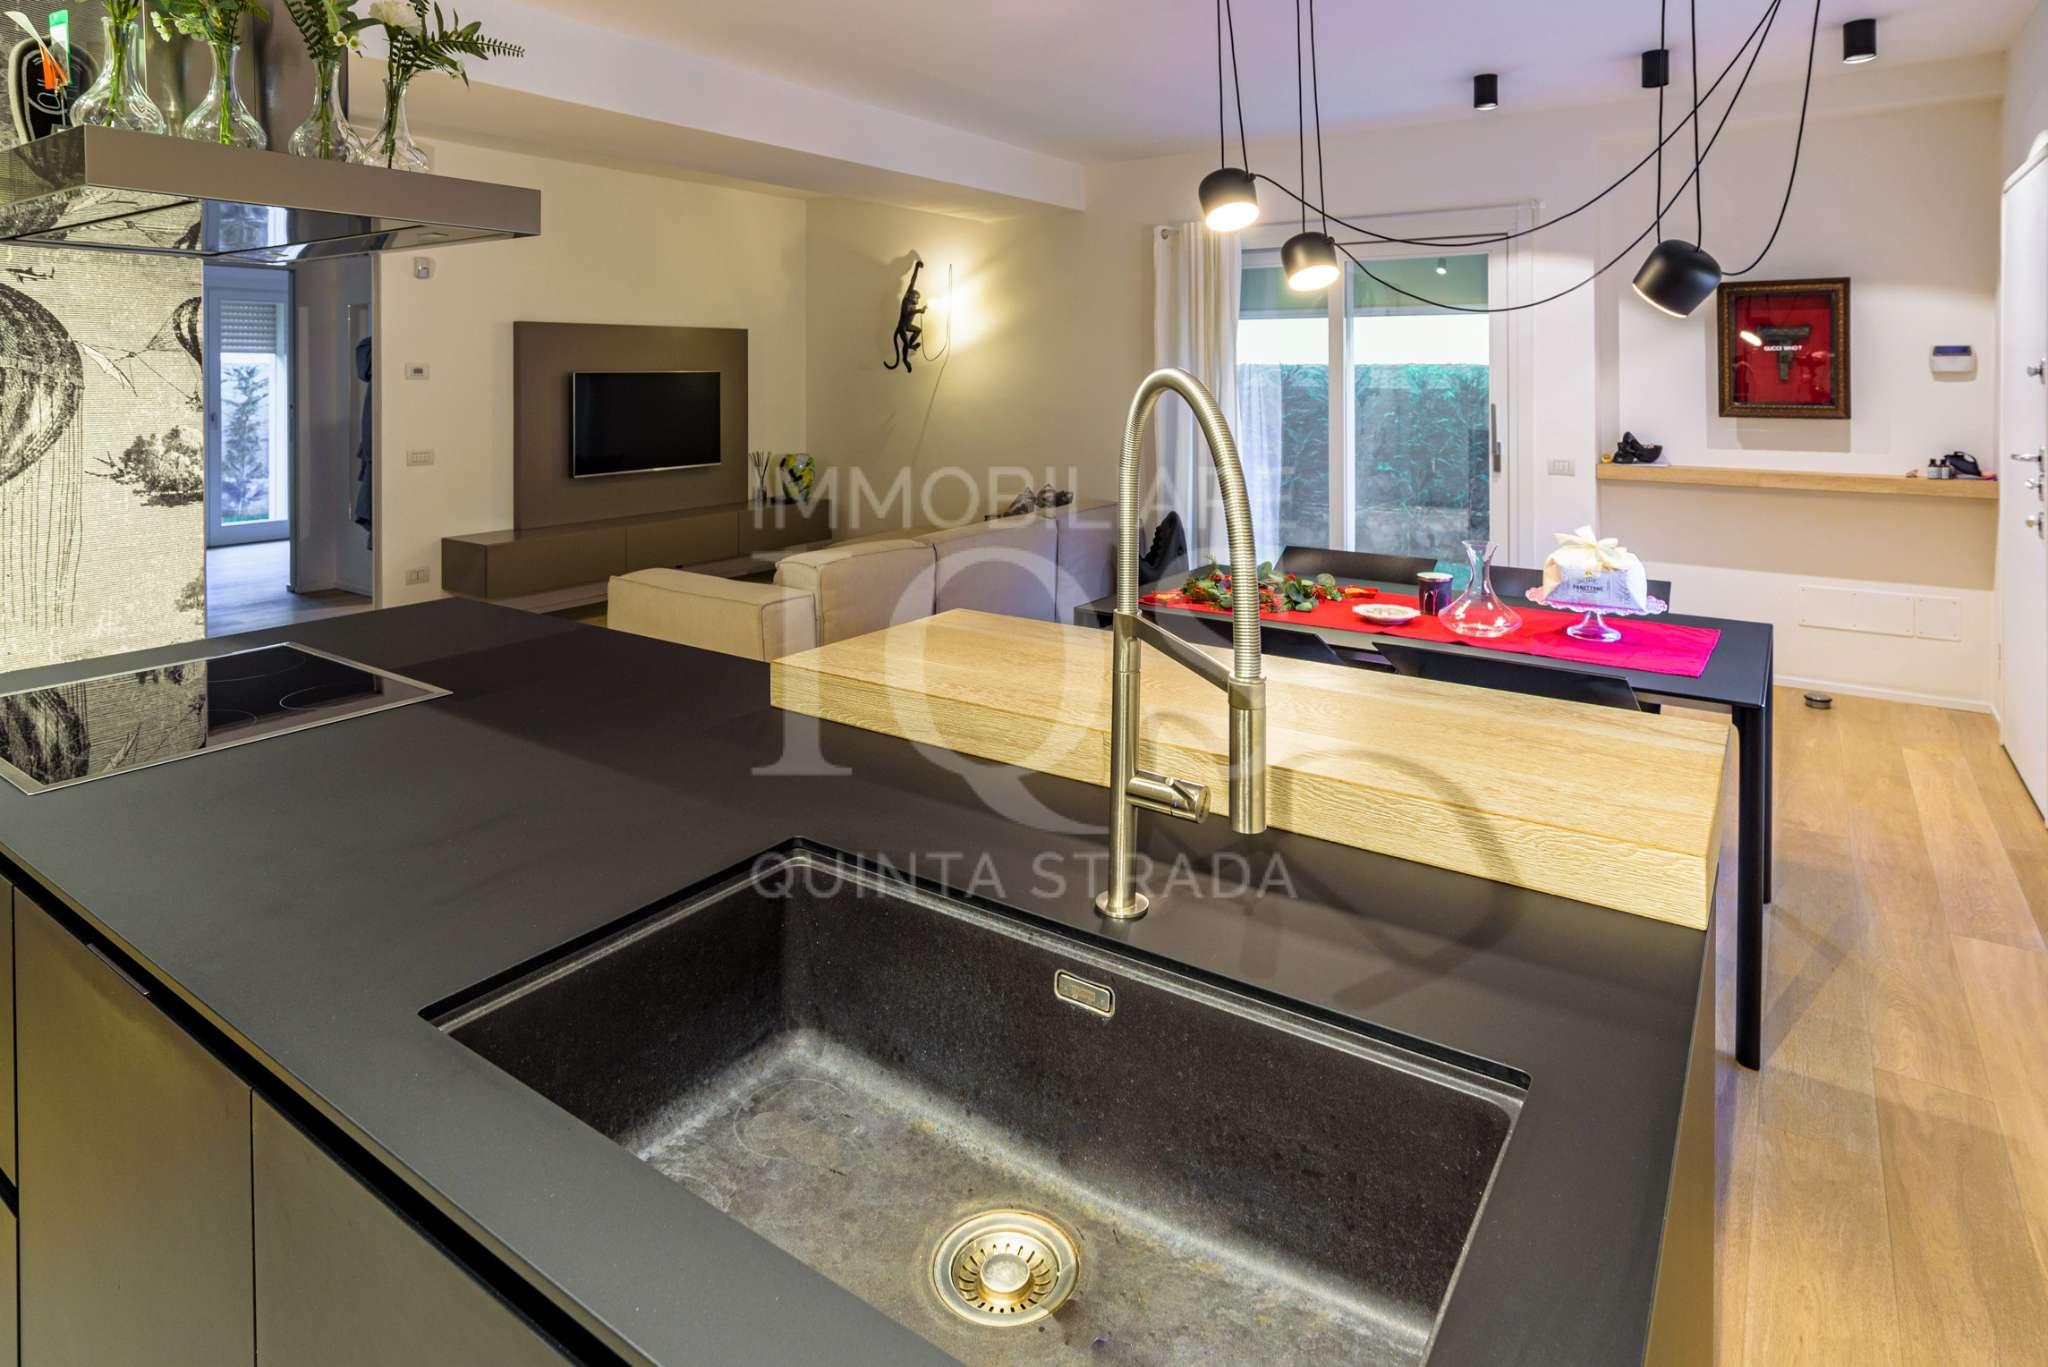 Appartamento in vendita a Sarnico, 3 locali, prezzo € 289.000 | PortaleAgenzieImmobiliari.it